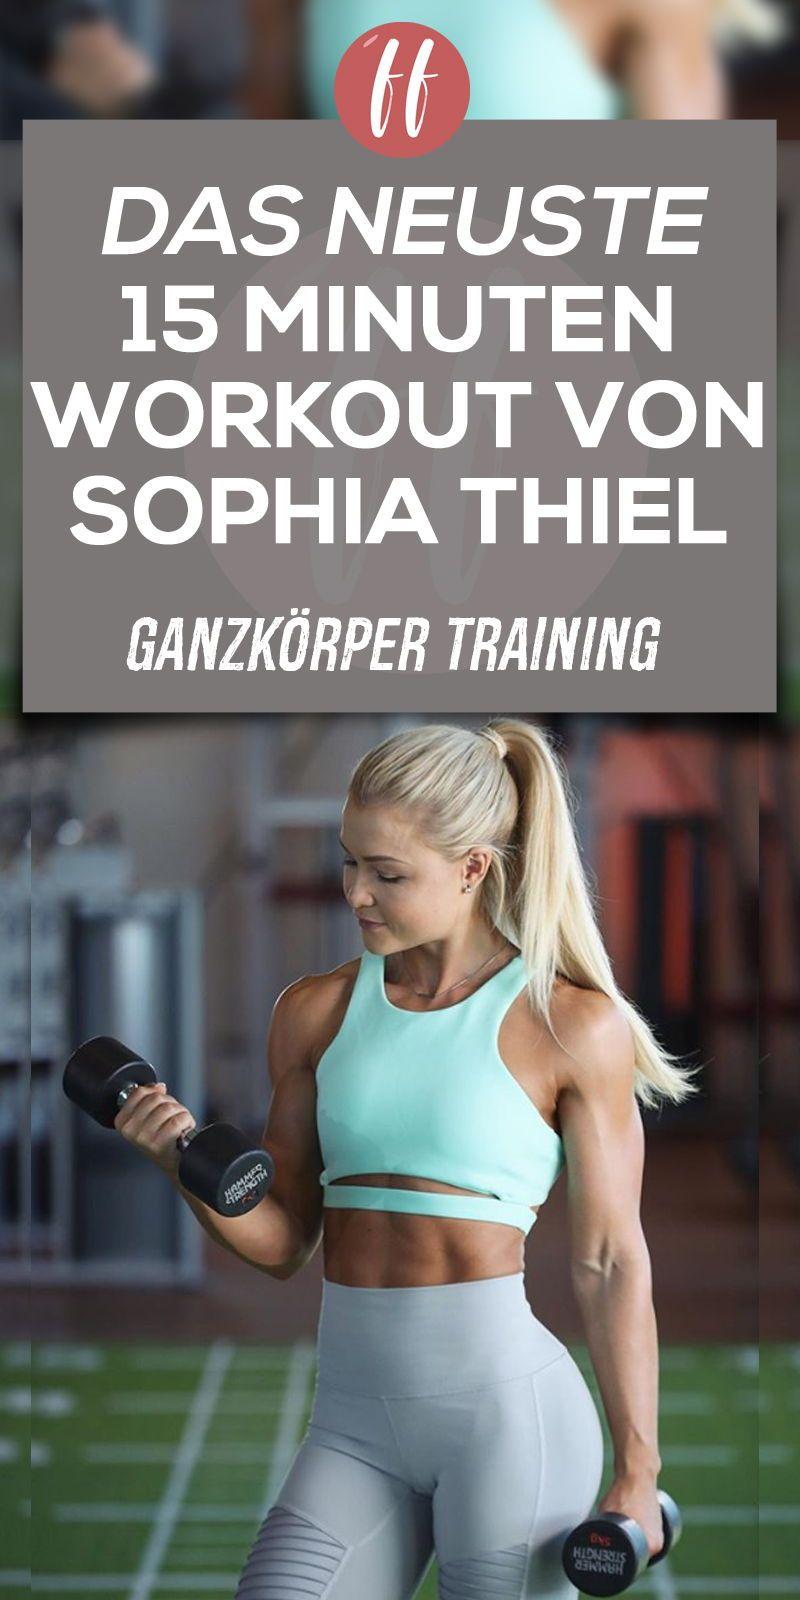 Das Sophia Thiel Training ist schon immer effektiv und vielseitig gewesen. Mit dem neusten Workout von Sophia Thiel  werden die Fitnessübungen wieder ganz neu durchgemischt. Viel Spaß mit diesem neuen Fitnessvideo von Sophia zum mitmachen! #fitnessvideos